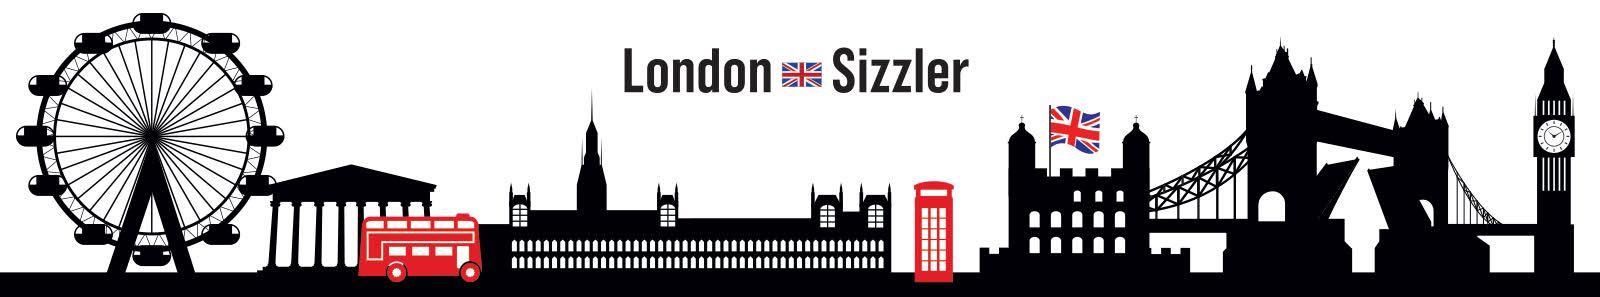 London Sizzler